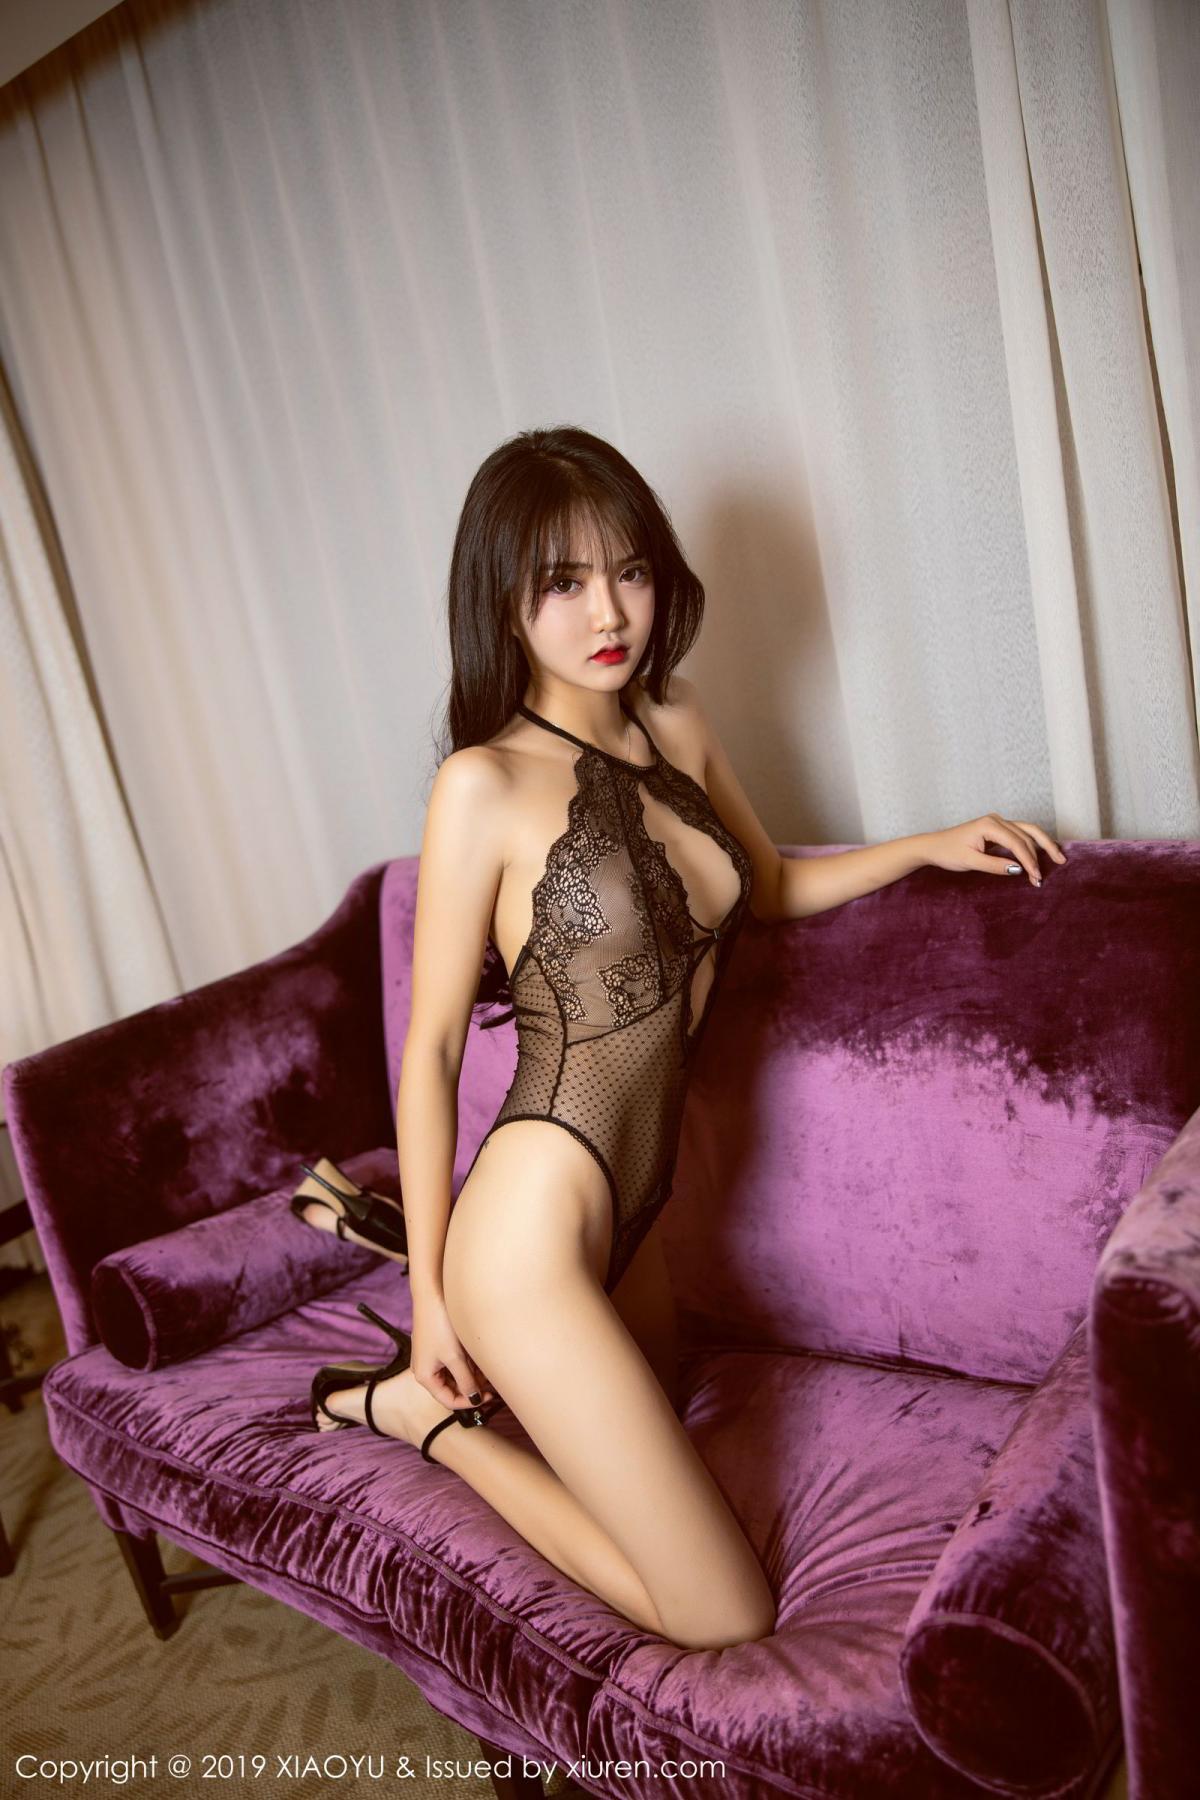 [XiaoYu] Vol.200 Miko Jiang 5P, Miko Jiang, Slim, Tall, Underwear, XiaoYu